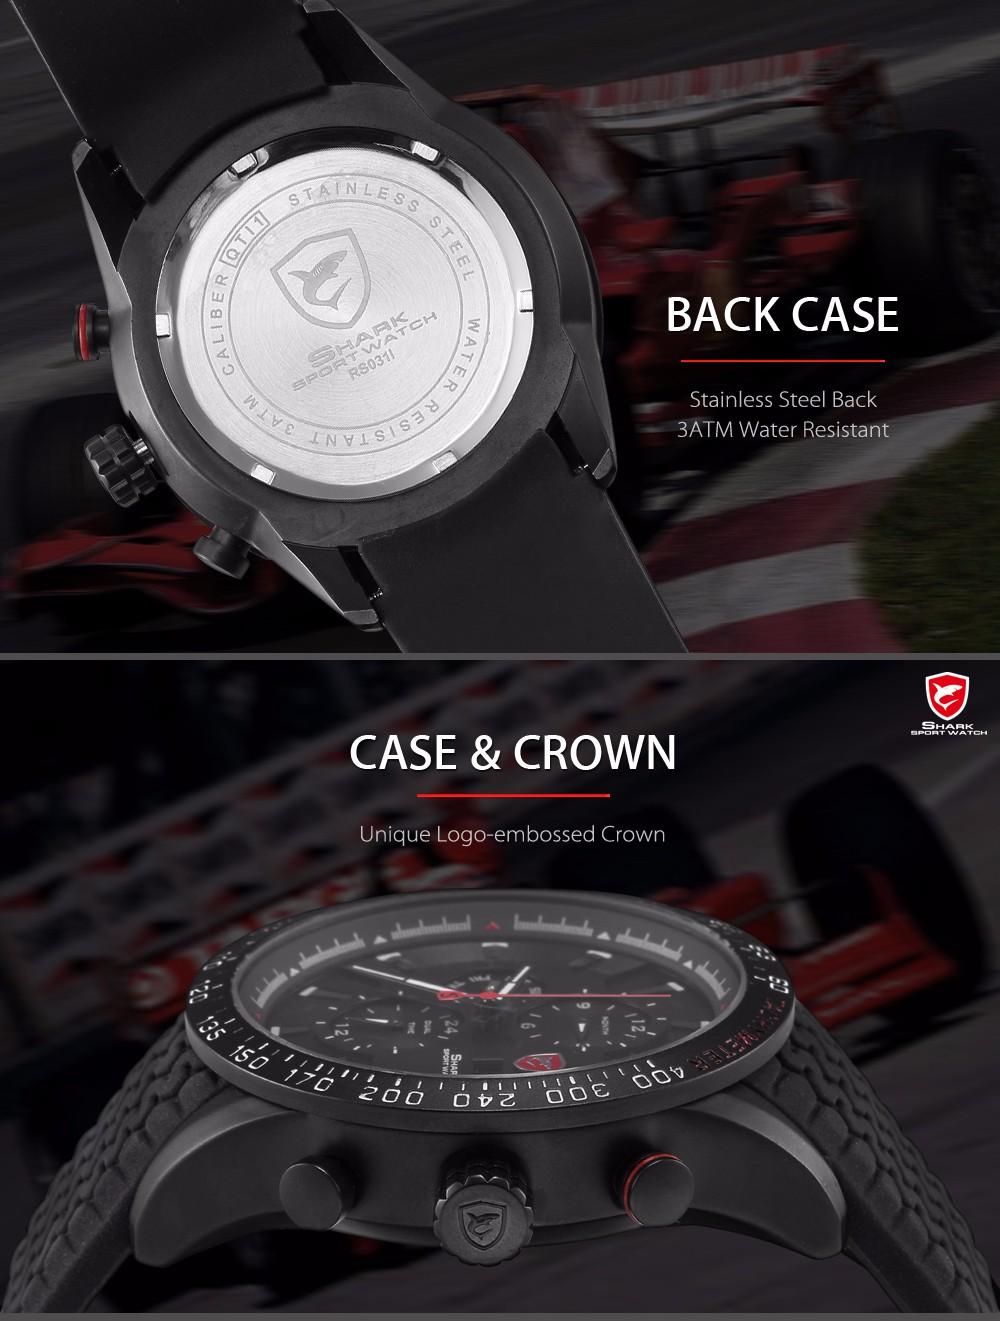 HTB1OuNlLpXXXXcLXFXXq6xXFXXXL - Blacktip Shark 2 Sport Watch – Black SH395